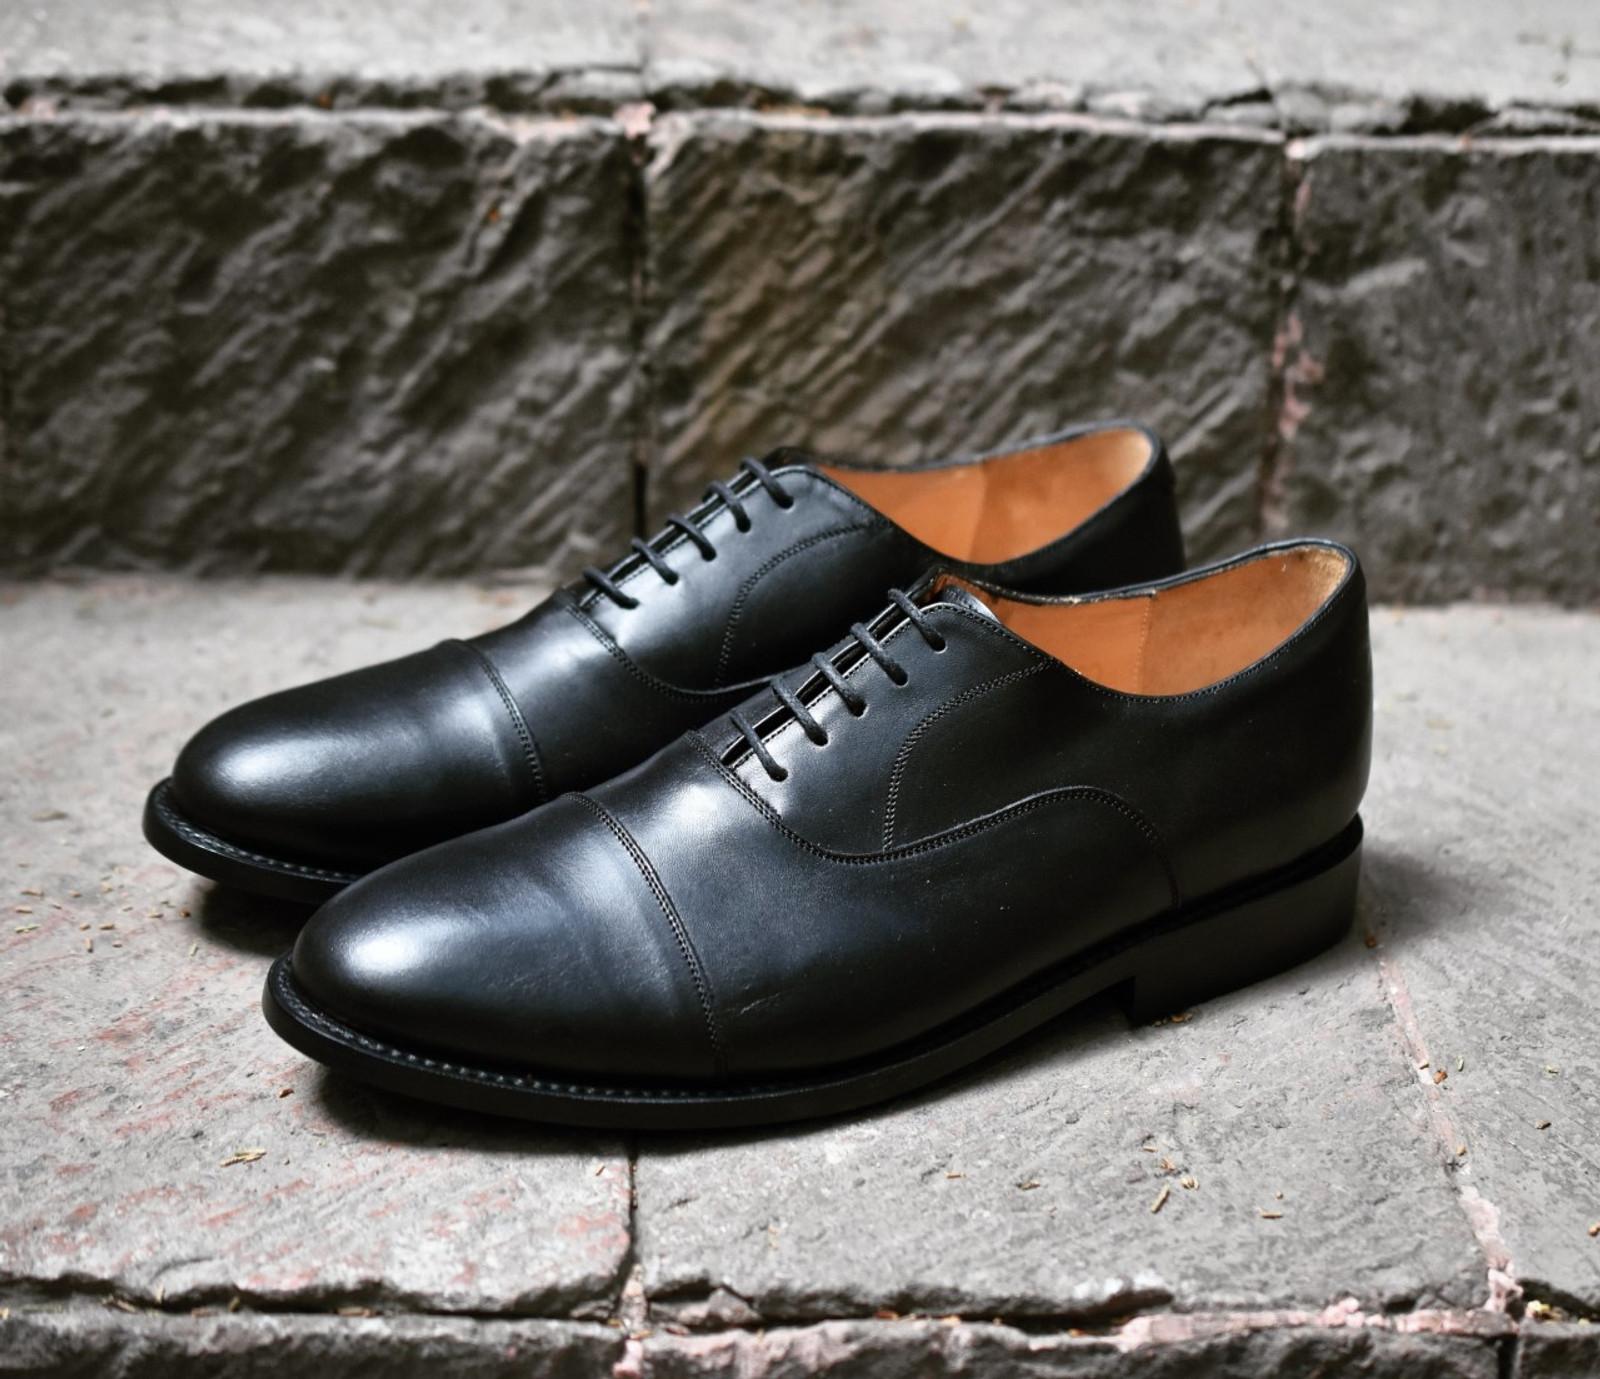 BLACK BOX CALF FOOTWEAR